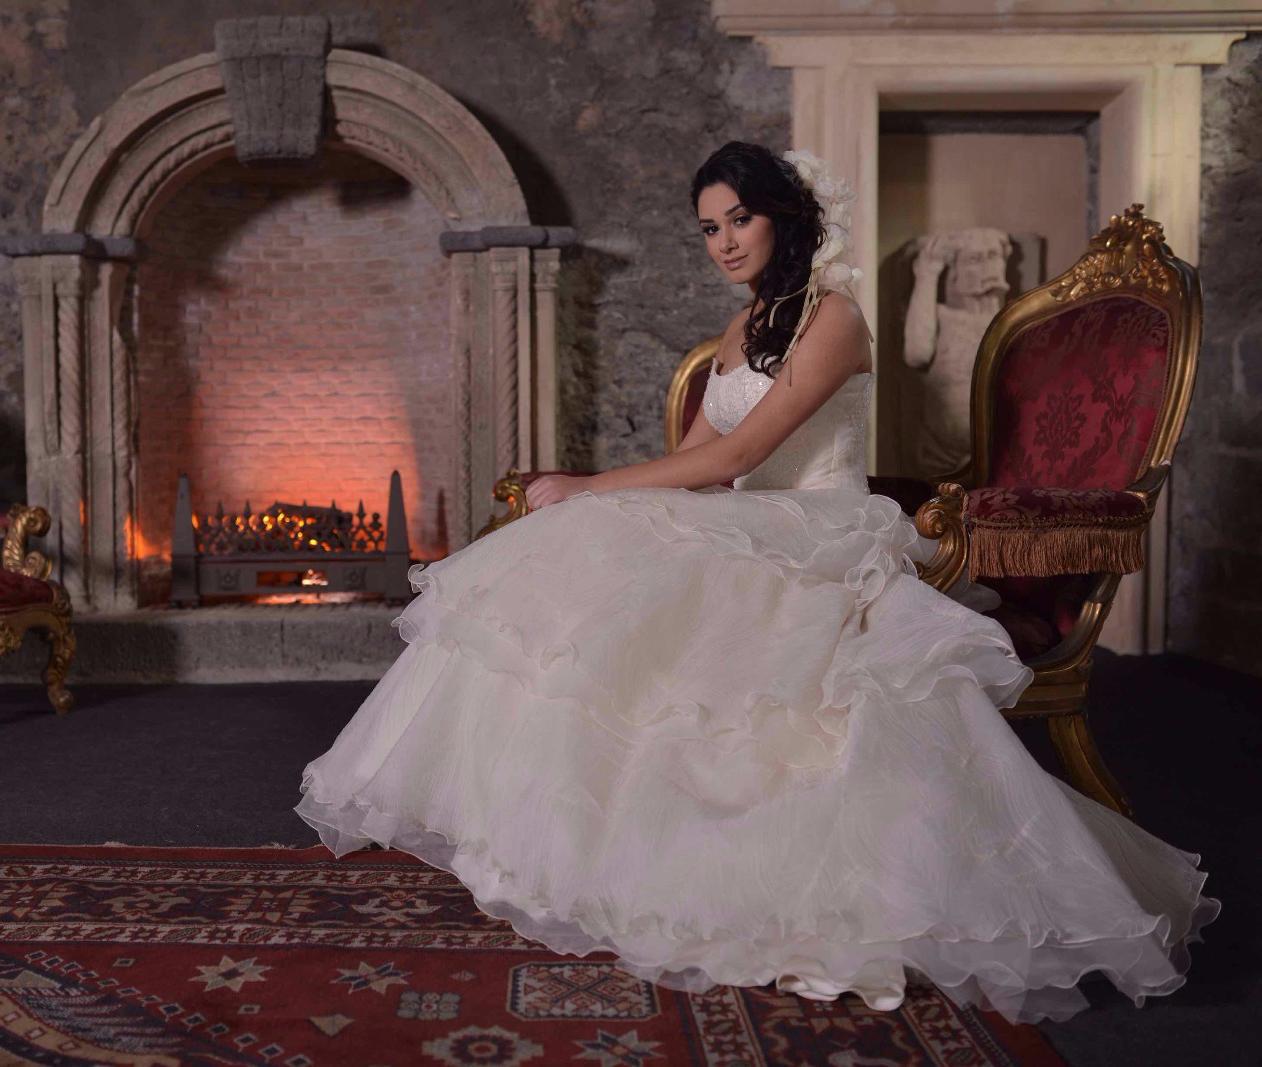 Sposami-redazionale-1